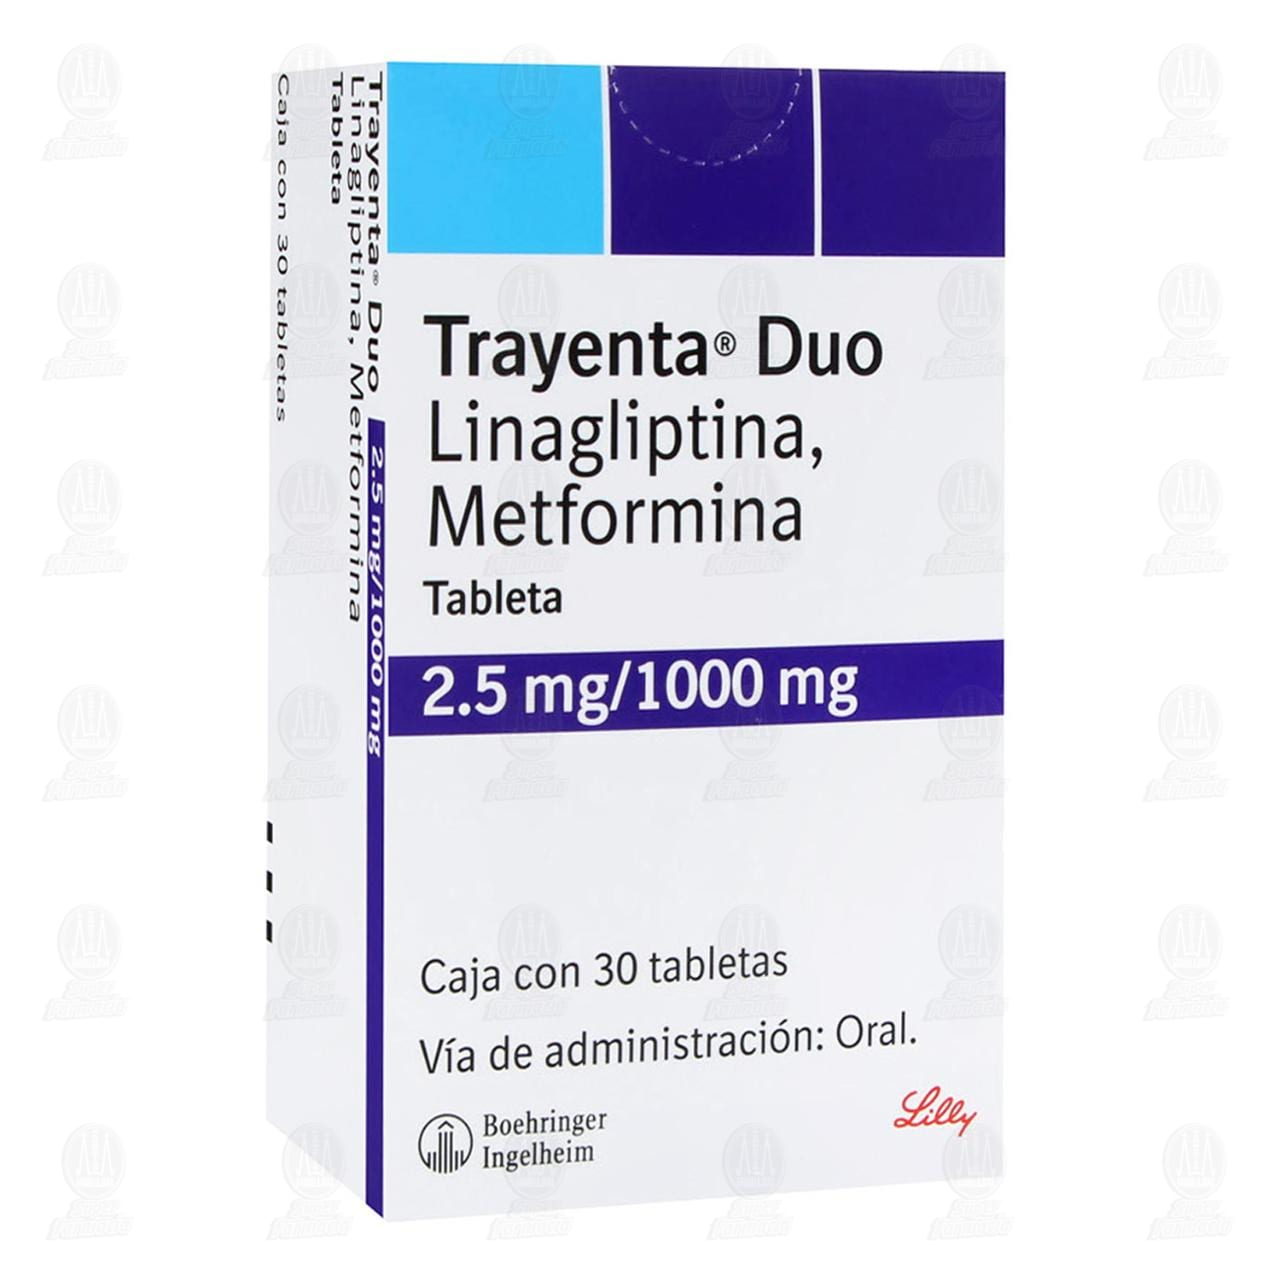 Comprar Trayenta Duo 2.5mg/1000mg 30 Tabletas en Farmacias Guadalajara